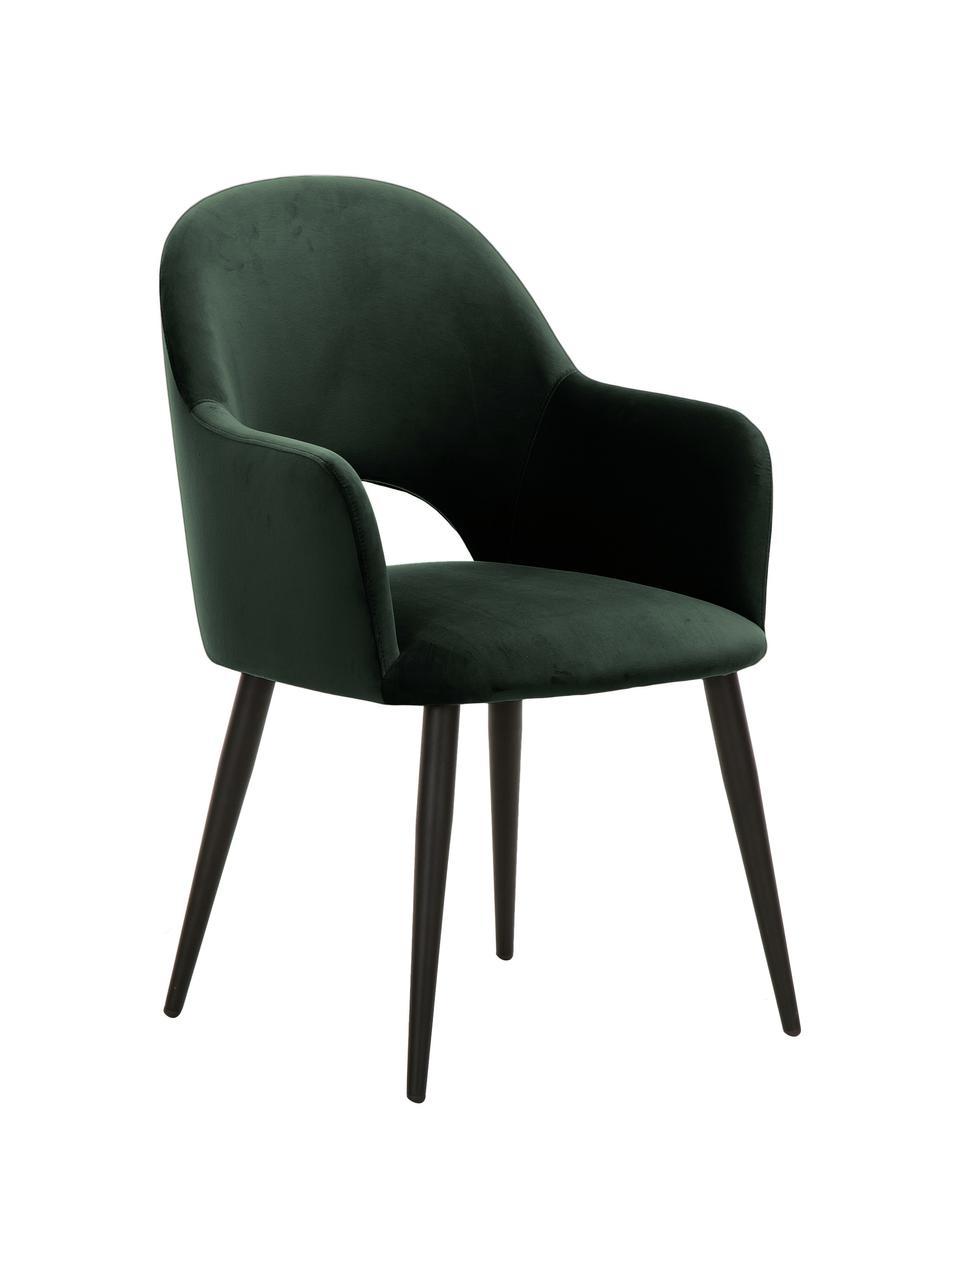 Krzesło z podłokietnikami z aksamitu Rachel, Tapicerka: aksamit (poliester) Dzięk, Nogi: metal malowany proszkowo, Aksamitny ciemny zielony, S 64 x G 47 cm